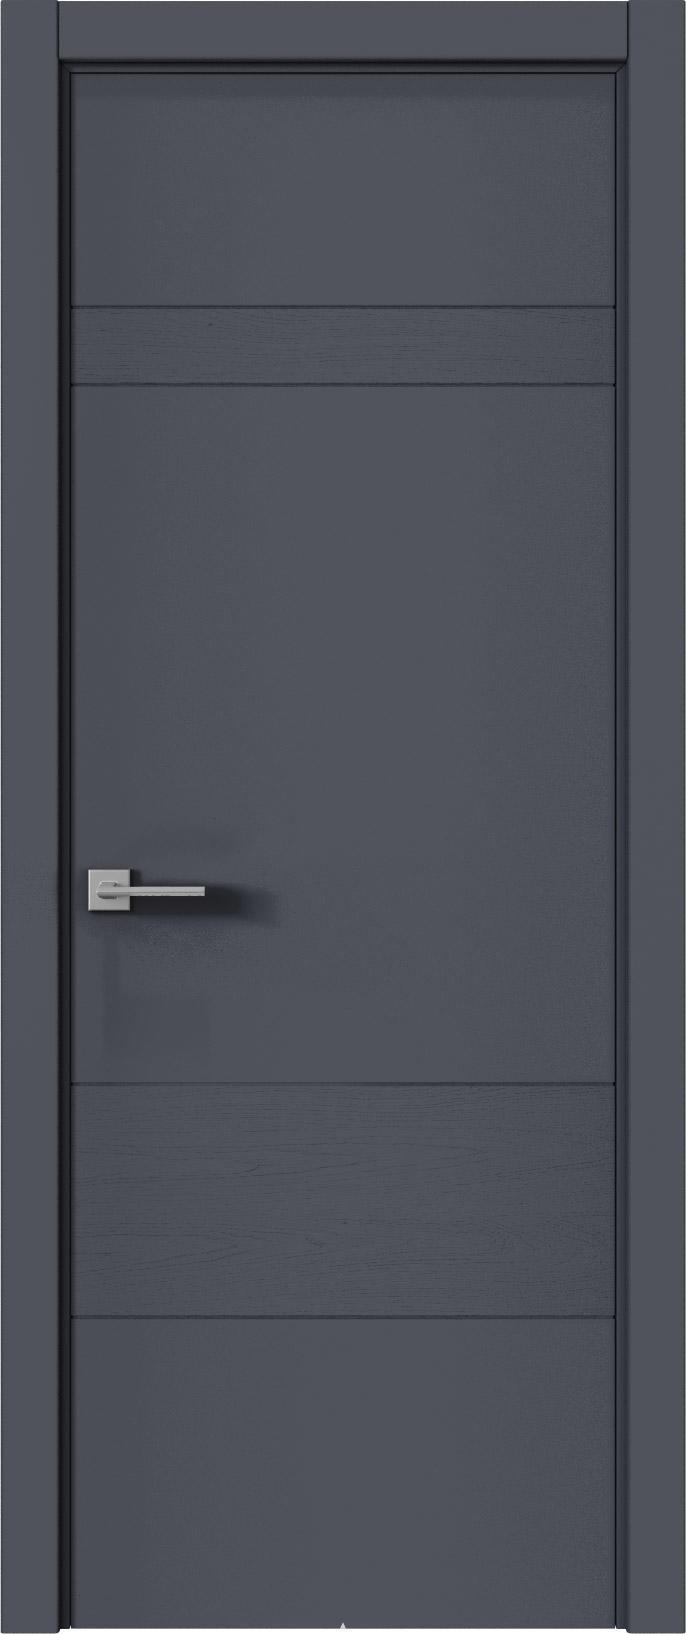 Tivoli К-2 цвет - Графитово-серая эмаль-эмаль по шпону (RAL 7024) Без стекла (ДГ)